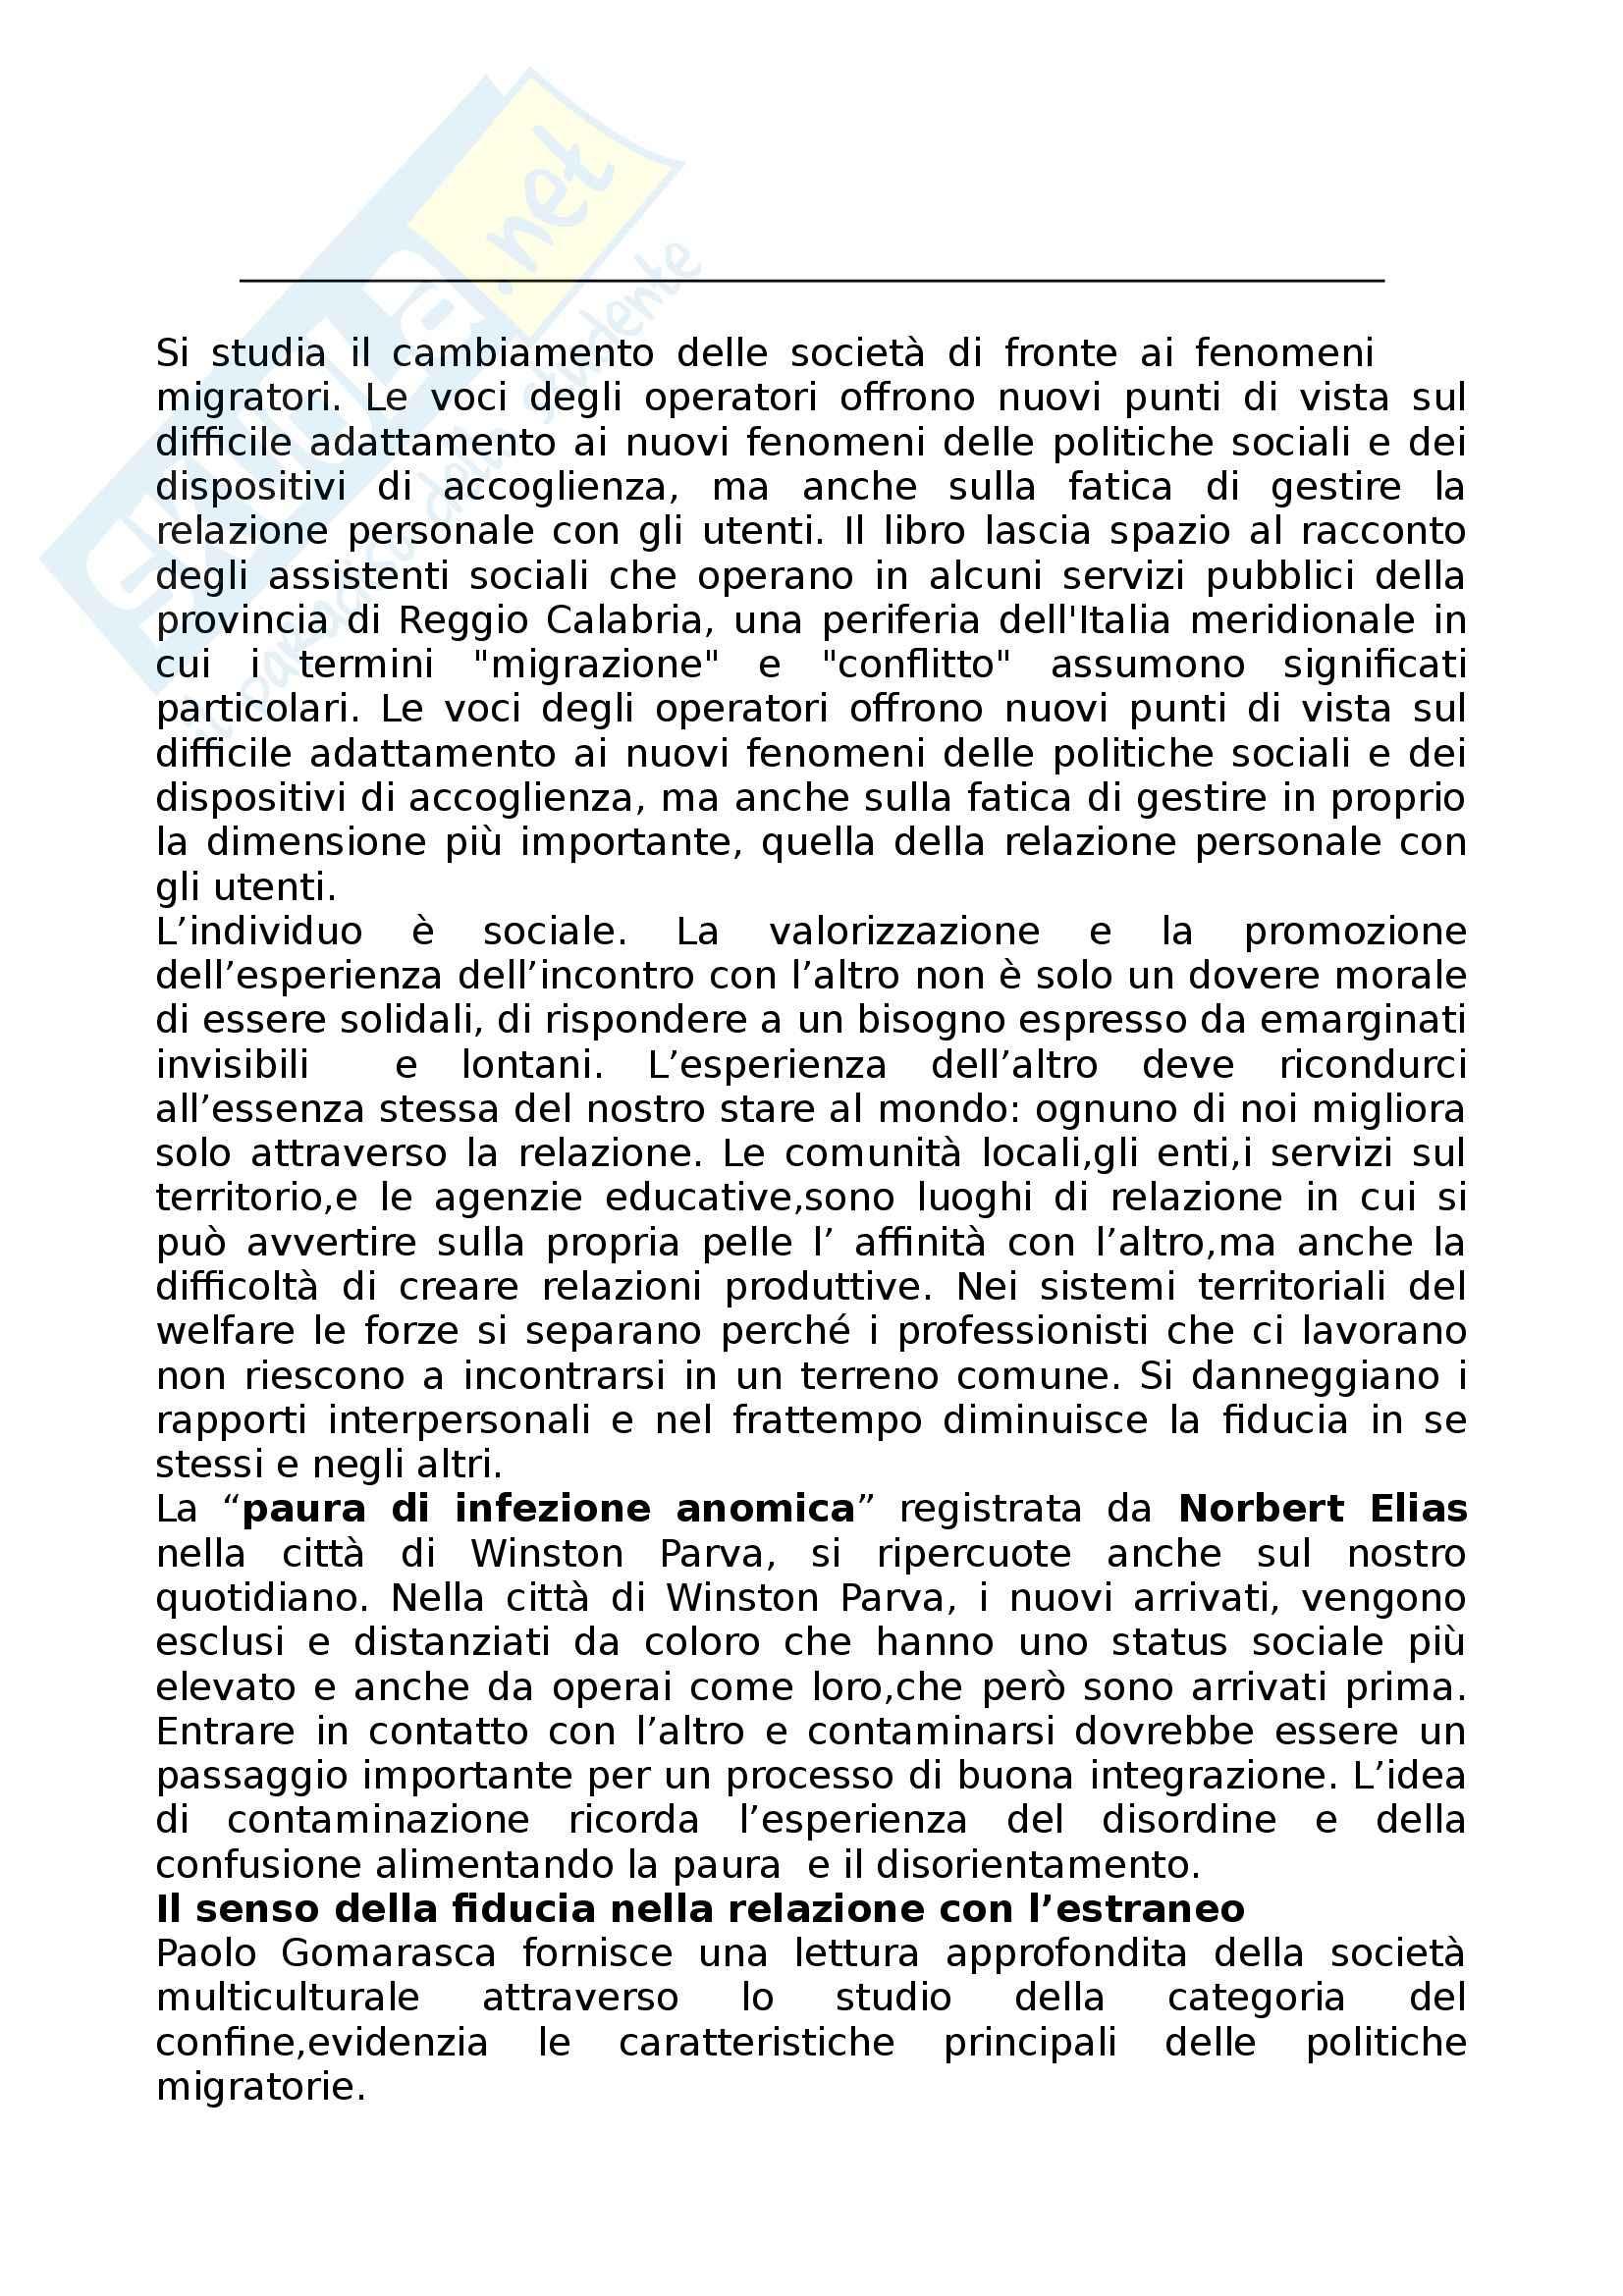 Riassunto esame Politiche Sociali, prof. Tarsia, libro consigliato Avere Cura del Conflitto